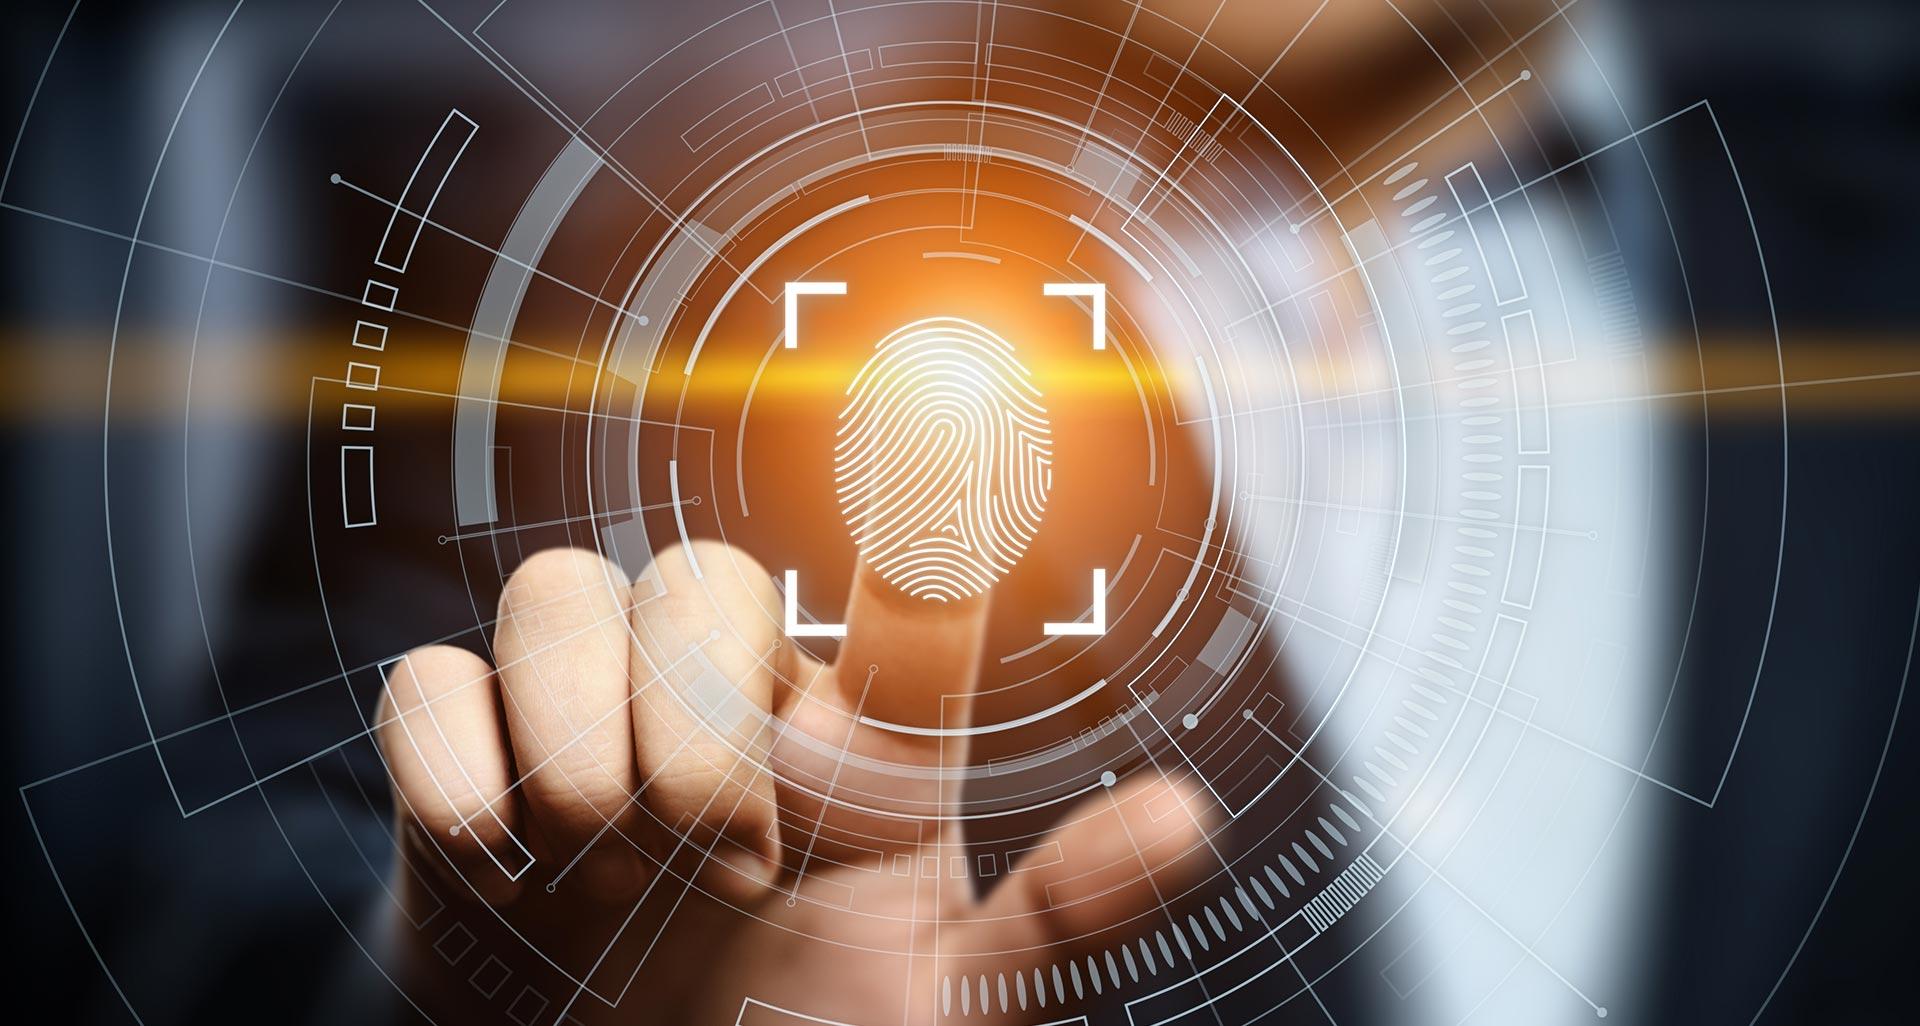 อัตชีวพฤติกรรม : Behavioural Biometrics